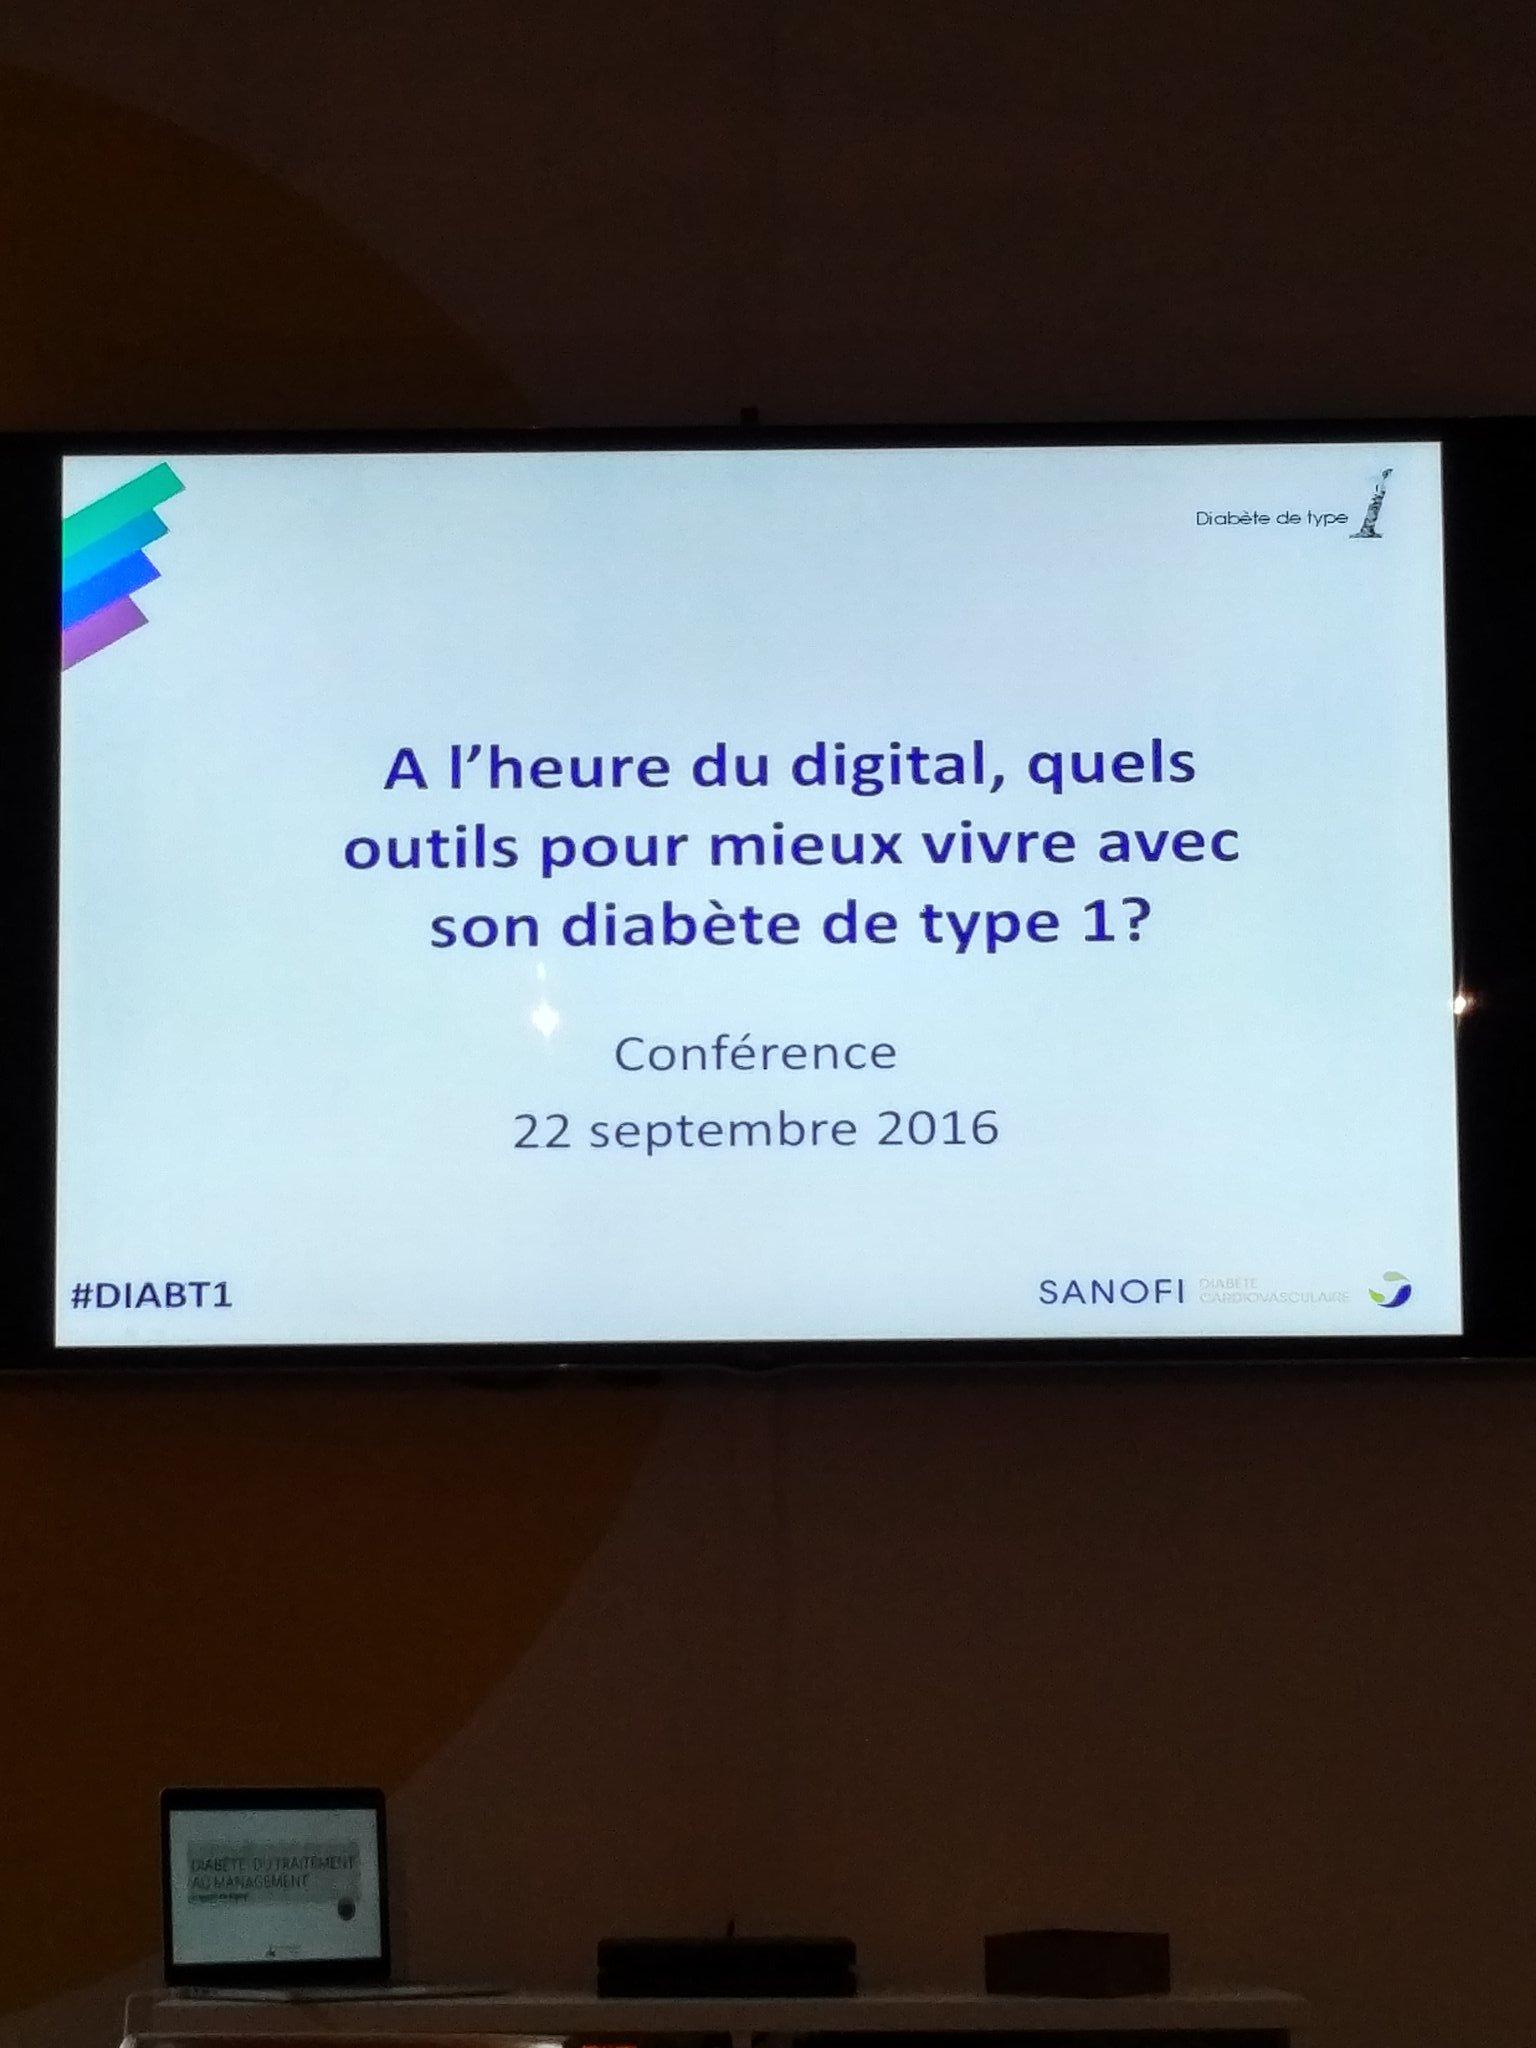 A l'heure du digital quelques outils pour vivre avec le #diabete de type 1 #DIABT1 conférence par @SanofiFR https://t.co/ZWRmLU4j8j